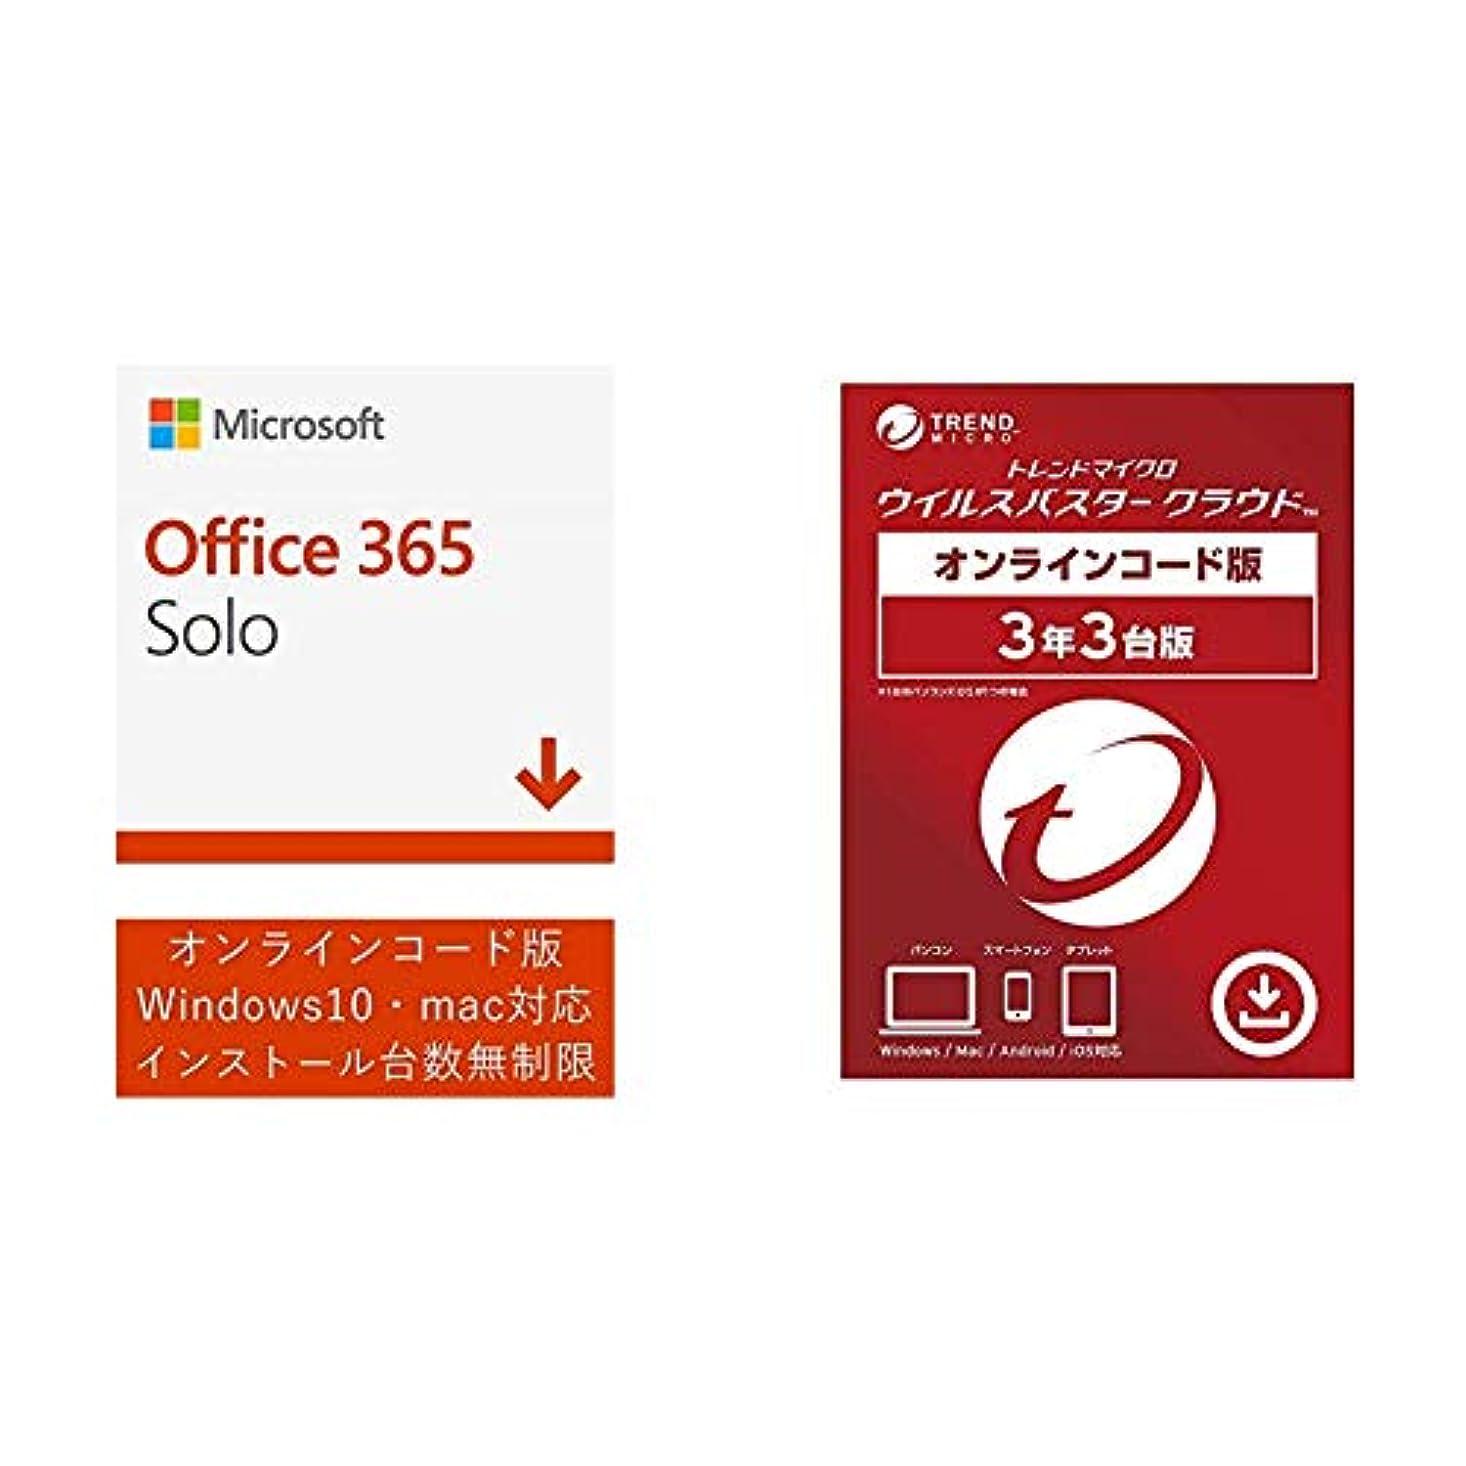 腰ドラマ中絶【デジタルセット商品】Microsoft Office 365 Solo +ウイルスバスター クラウド| 3年 3台版